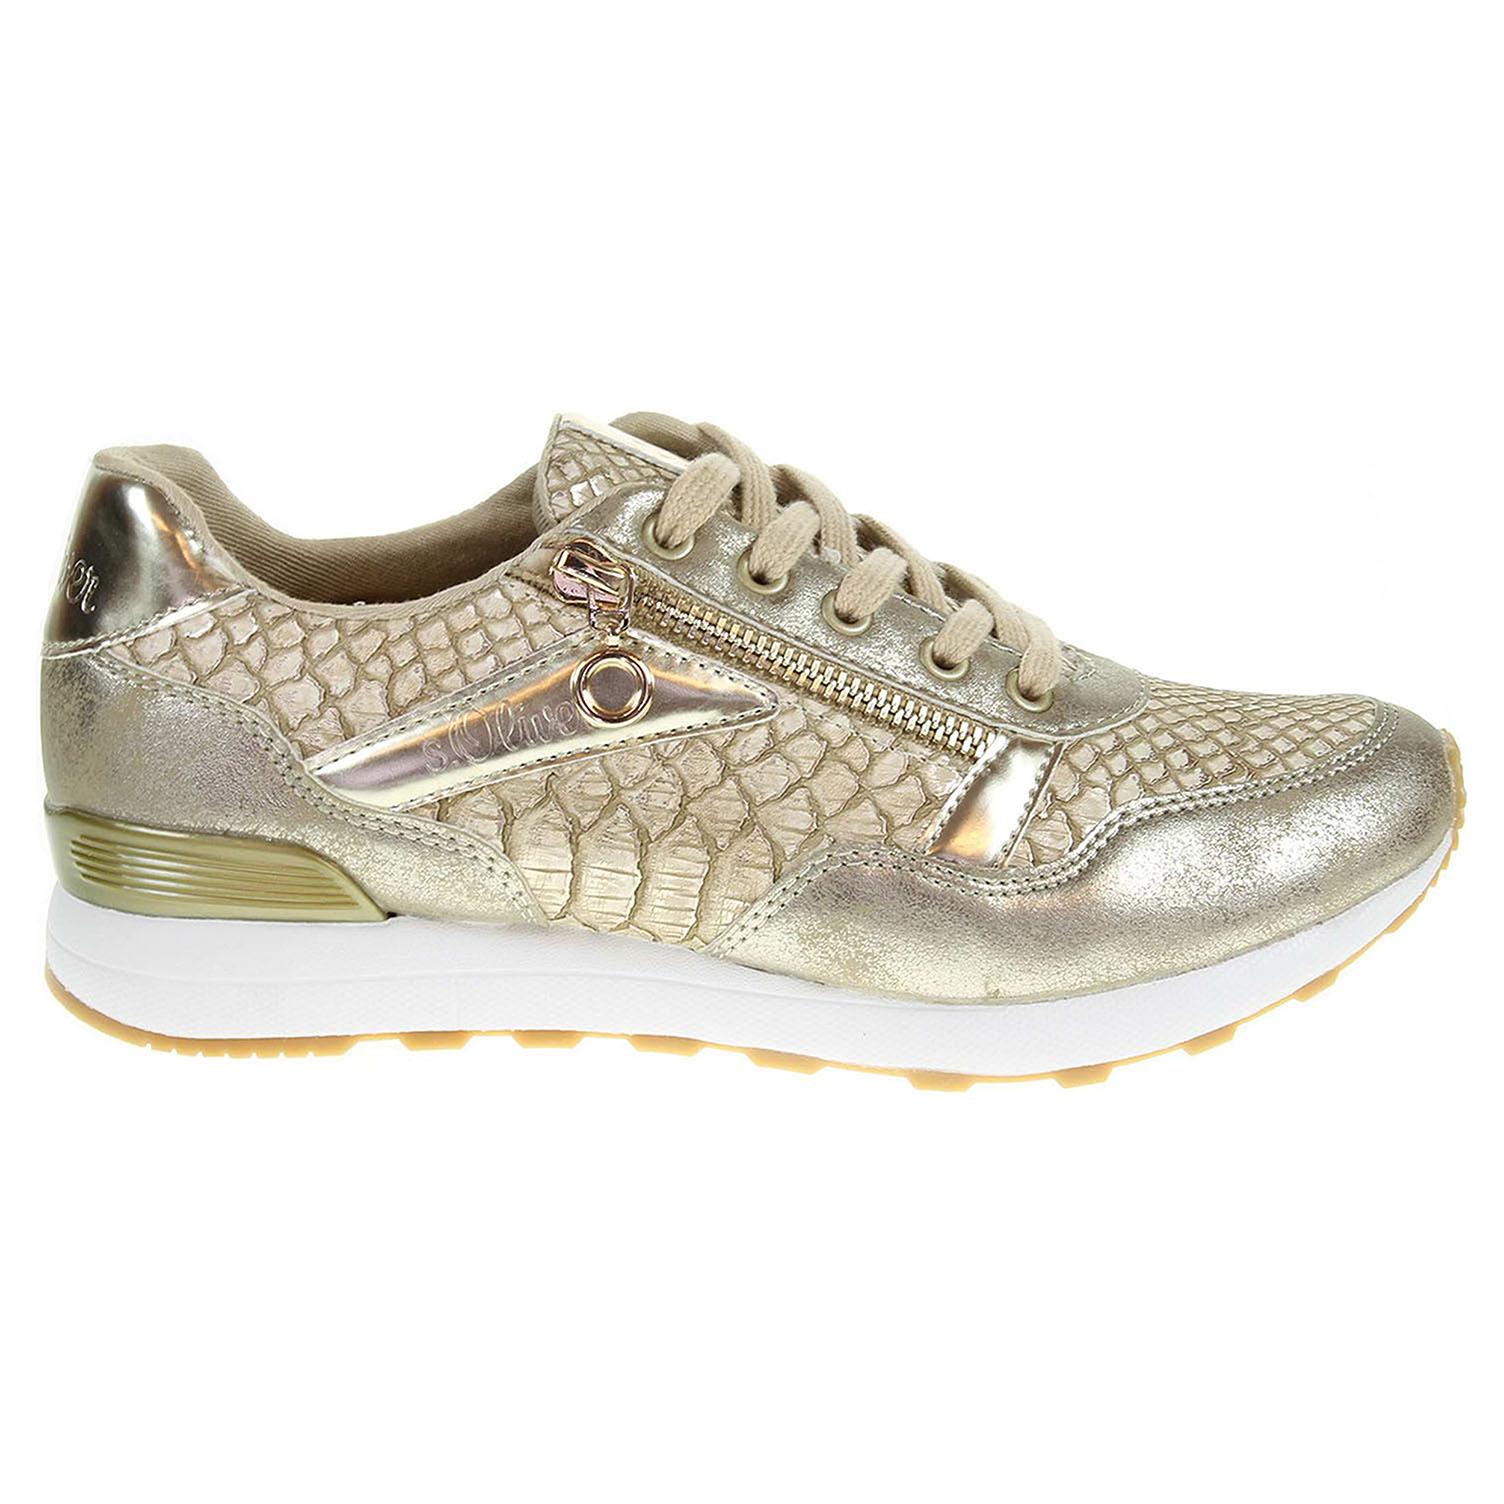 s.Oliver dámská obuv 5-23655-38 zlatá 37